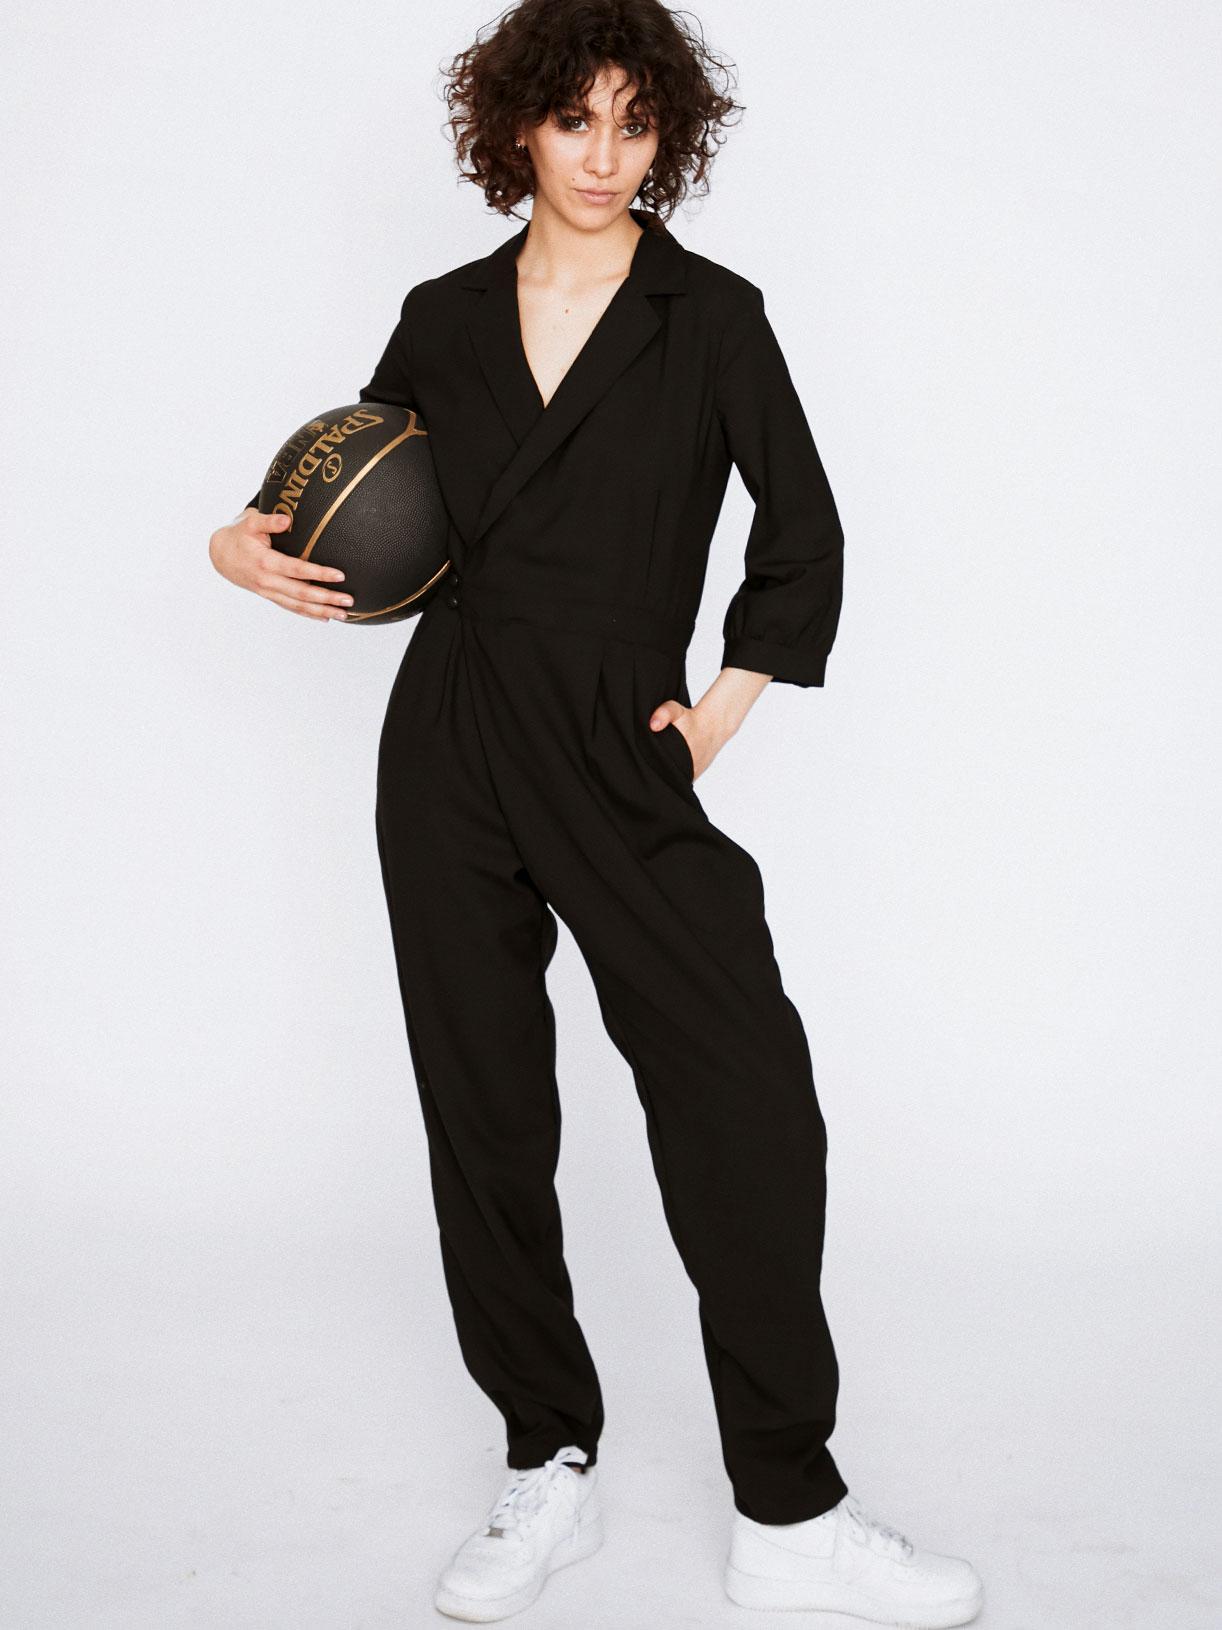 Combinaison pantalon smocking noire de soirée écoresponsable - Creatrice de mode éthique et bio a Paris - Myphilosophy